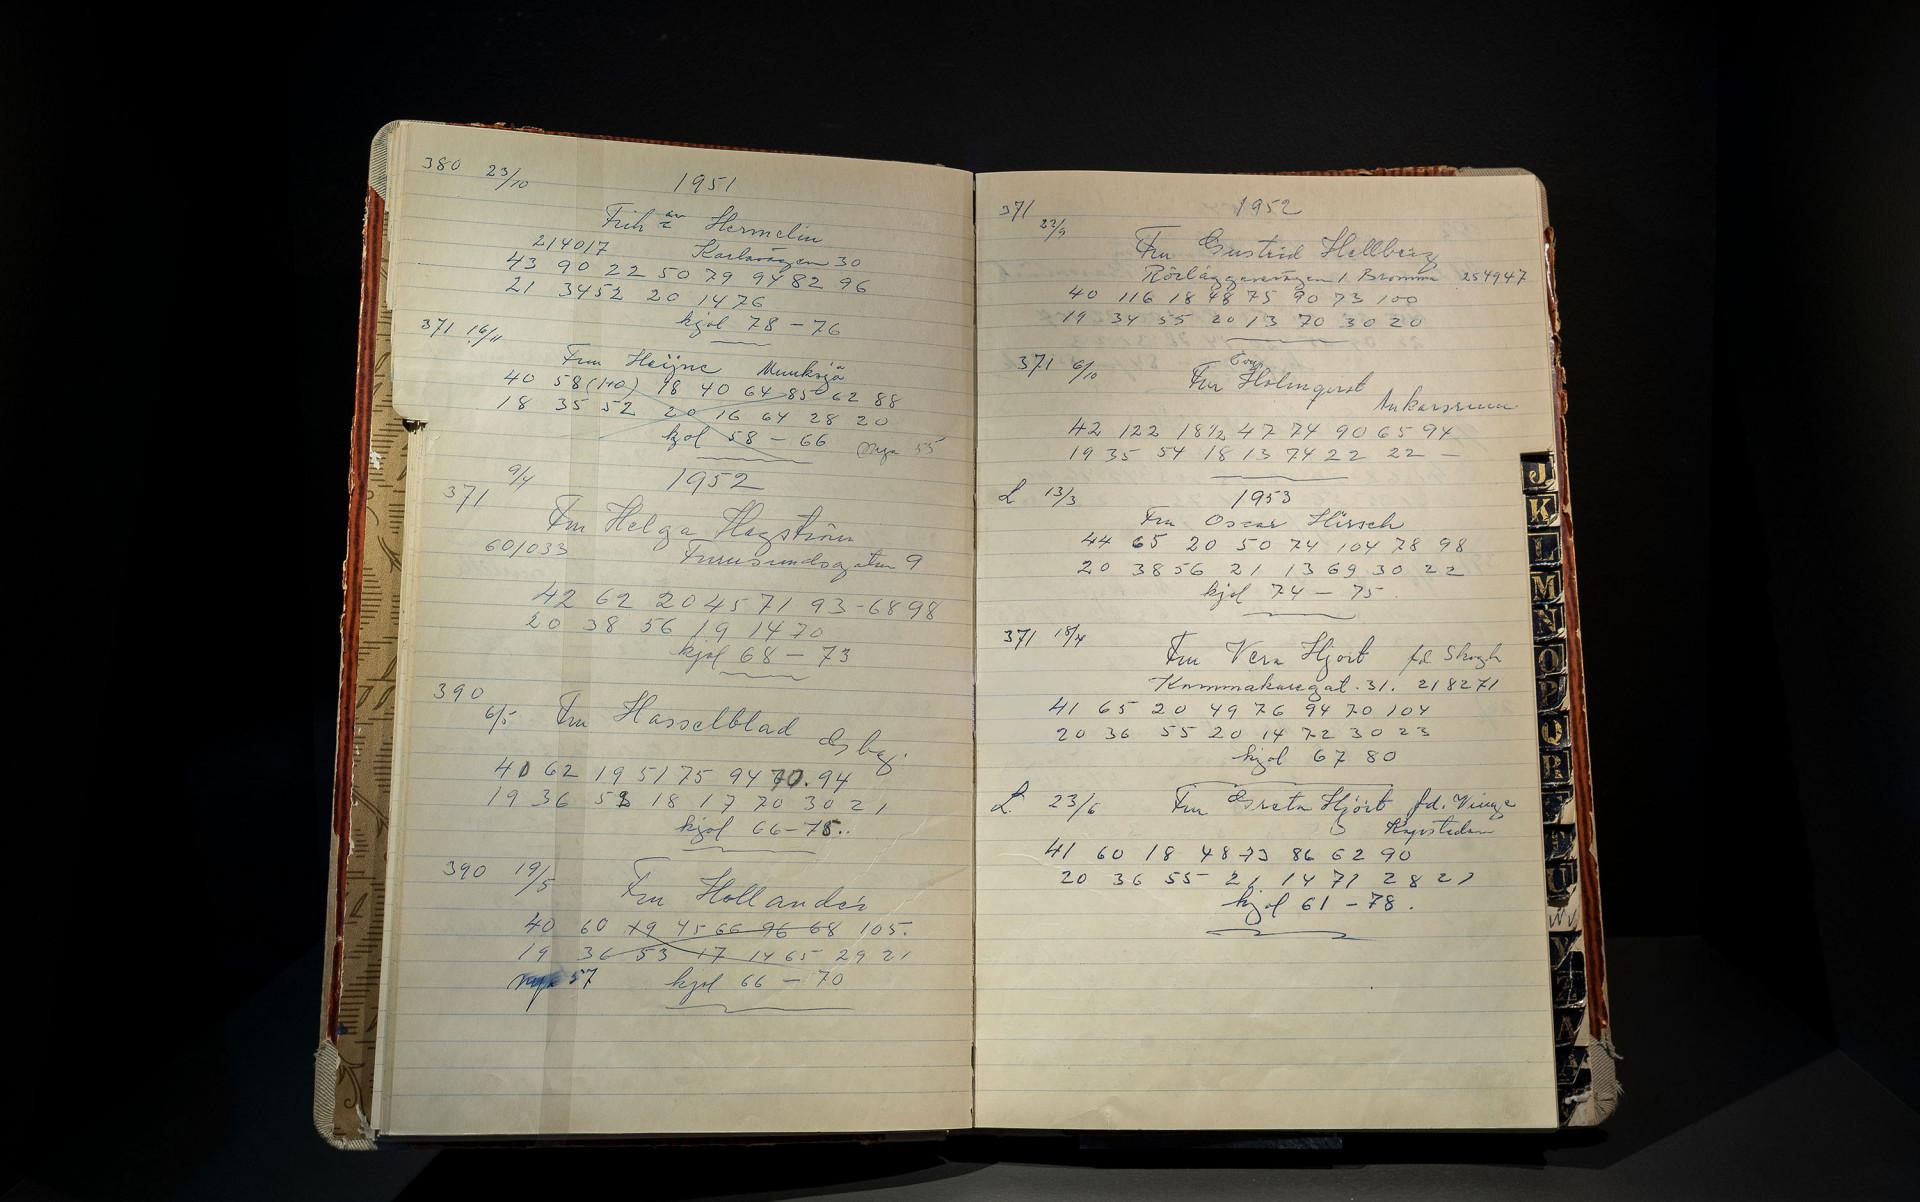 En uppslagen arbetsbok med anteckningar från en sömmerska, det står olika kunders namn och utförda arbetstimmar antecknat med vacker snirklig handstil.